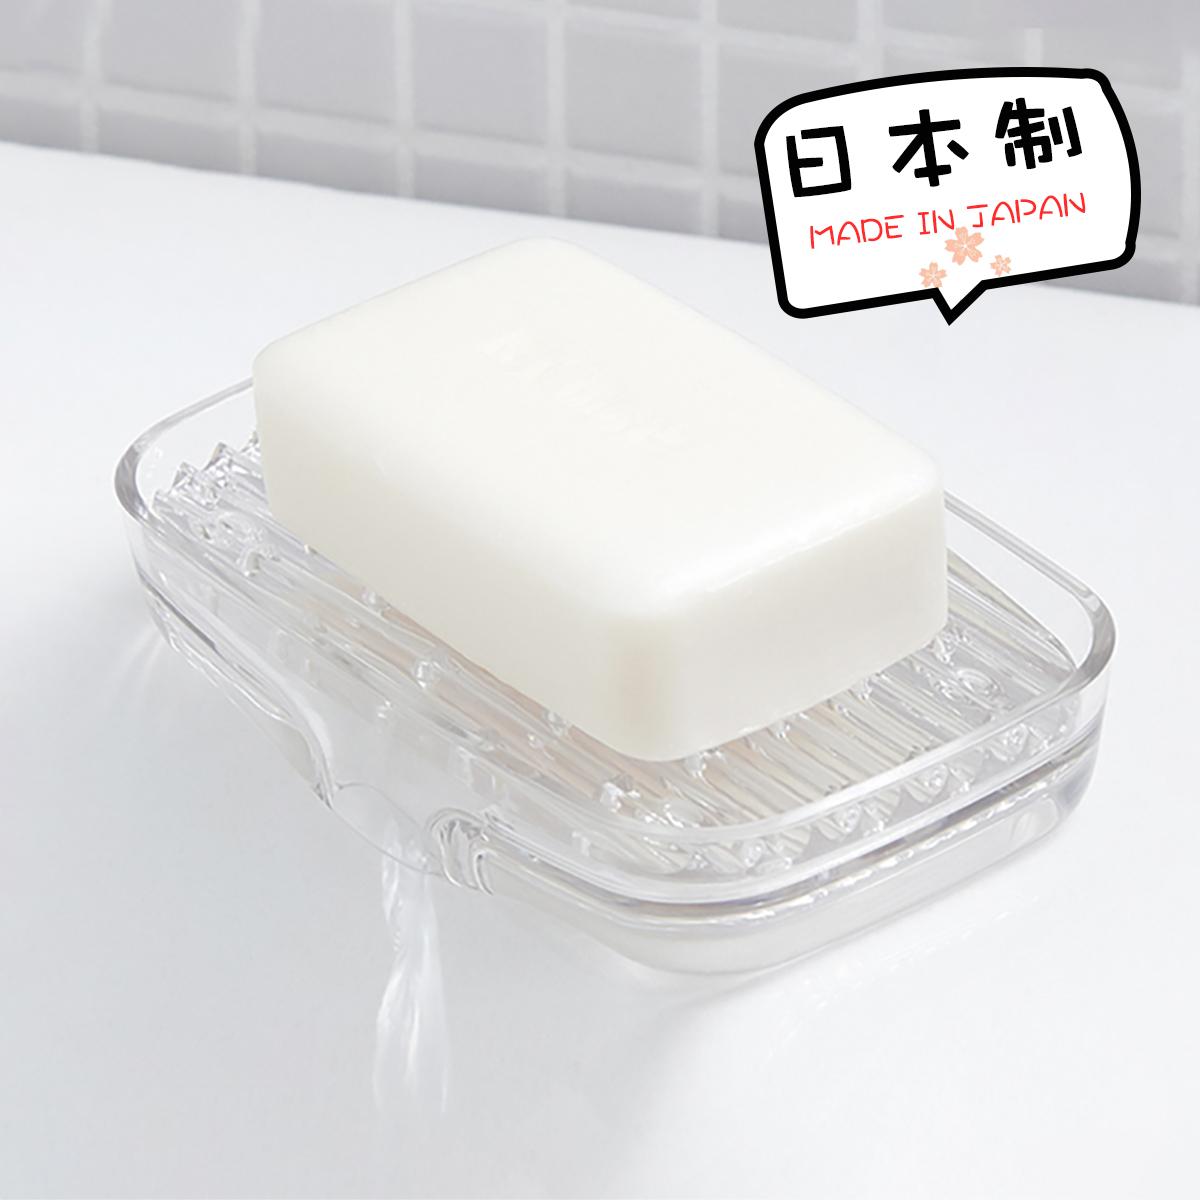 肥皂盒日本进口likeit创意家用沥水塑料香皂收纳盒卫生间皂托皂架满70.00元可用32元优惠券